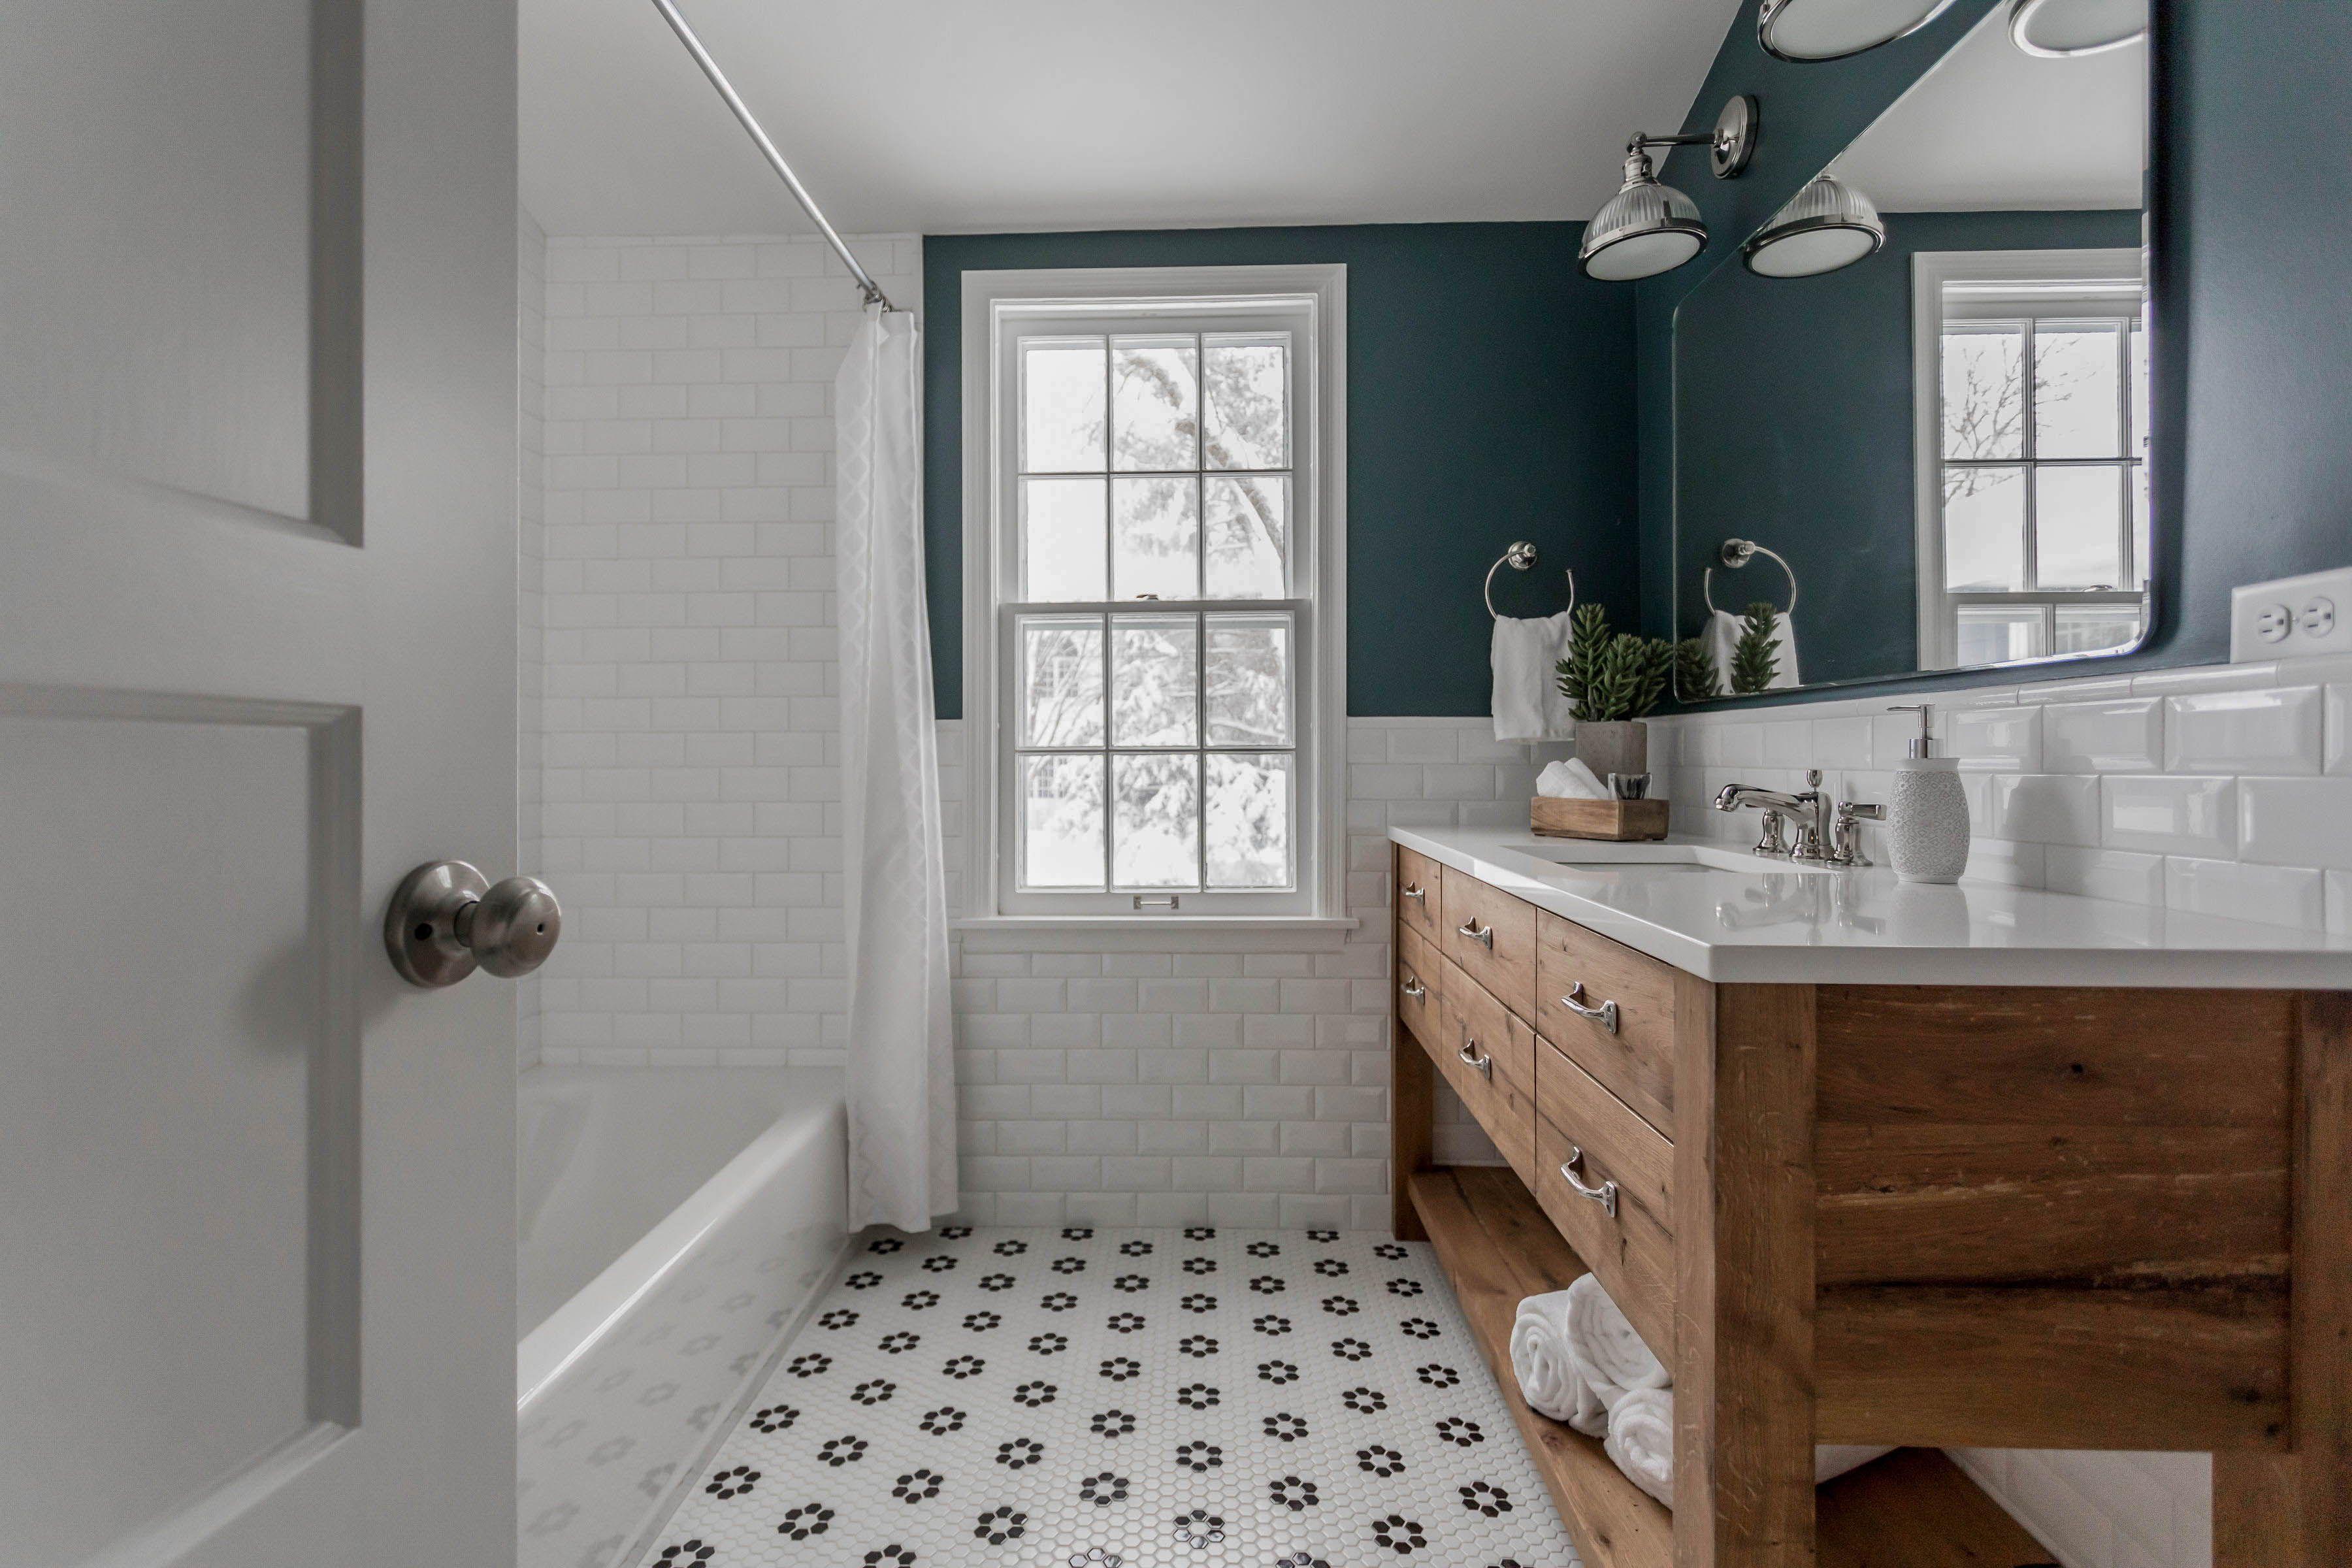 60 Radke Mahogany Vanity For Undermount Sink Hunter Green Vessel Sink Vanity Green Bathroom Vanity Sink [ 1500 x 1500 Pixel ]